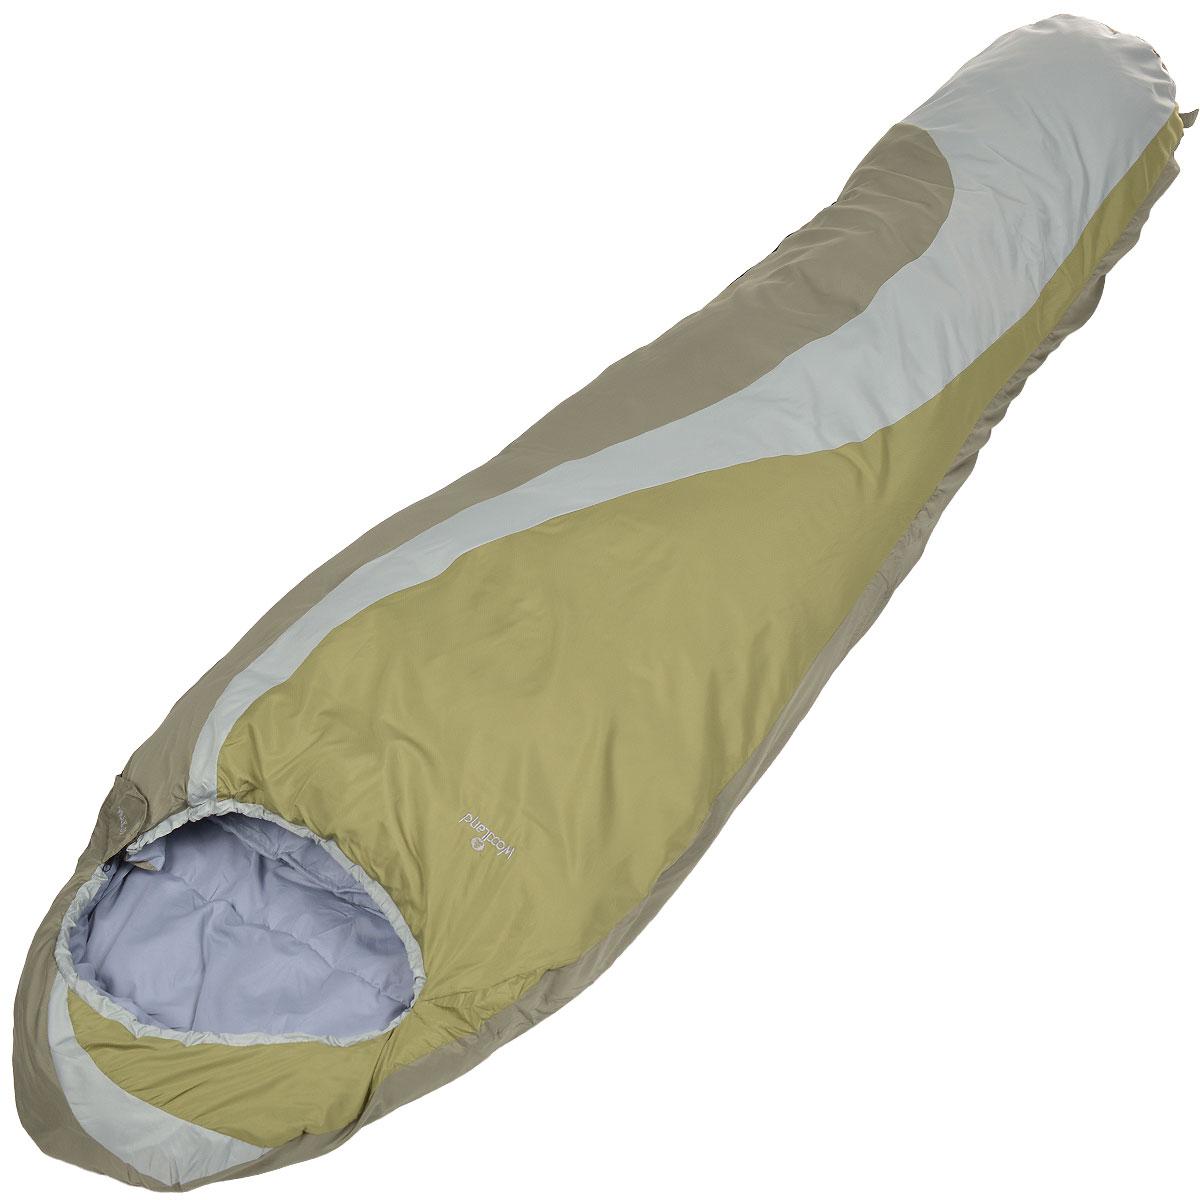 Спальный мешок-кокон WoodLand Peak 100, цвет: зеленый, оливковый, серый0030792Комфортный, просторный и очень теплый спальник-кокон WoodLand Peak 100 предназначен для походов и для отдыха на природе не только в летнее время, но и в прохладные дни весенне-осеннего периода. К несомненным достоинствам спальника можно отнести его повышенную комфортность. Теплый капюшон согреет вас в холодные ночи. Технологичный утеплитель хорошо сохраняет тепло и противостоит сжатию. Специальная структура волокна позволяет сохранять тепло даже во влажном состоянии. Форма - кокон, для лучшего распределения и удержания тепла. Внешний материал: 100% полиэстер. Внутренний материал: 100% полиэстер. Утеплитель: Hollow Fiber 100 г/м2.